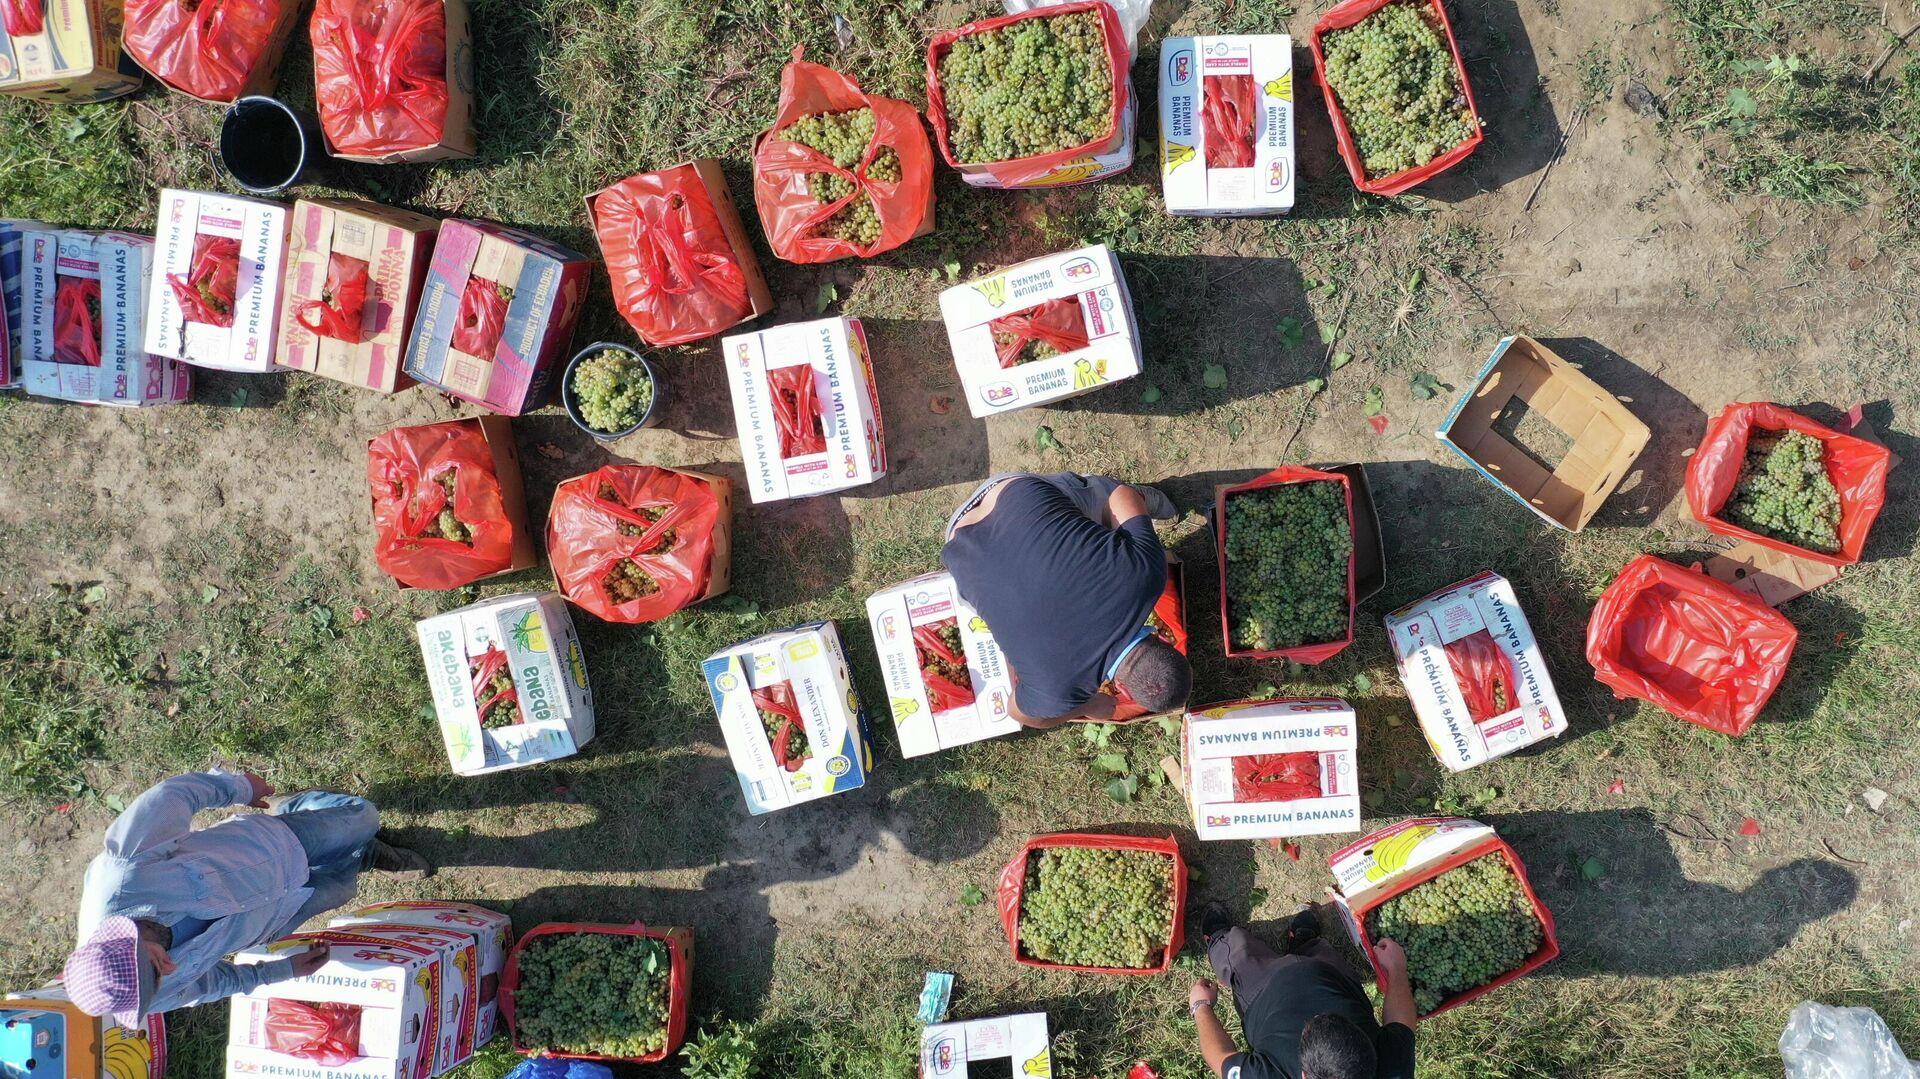 Сбор урожая винограда - ртвели 2021 в Кахети - Sputnik Грузия, 1920, 21.09.2021